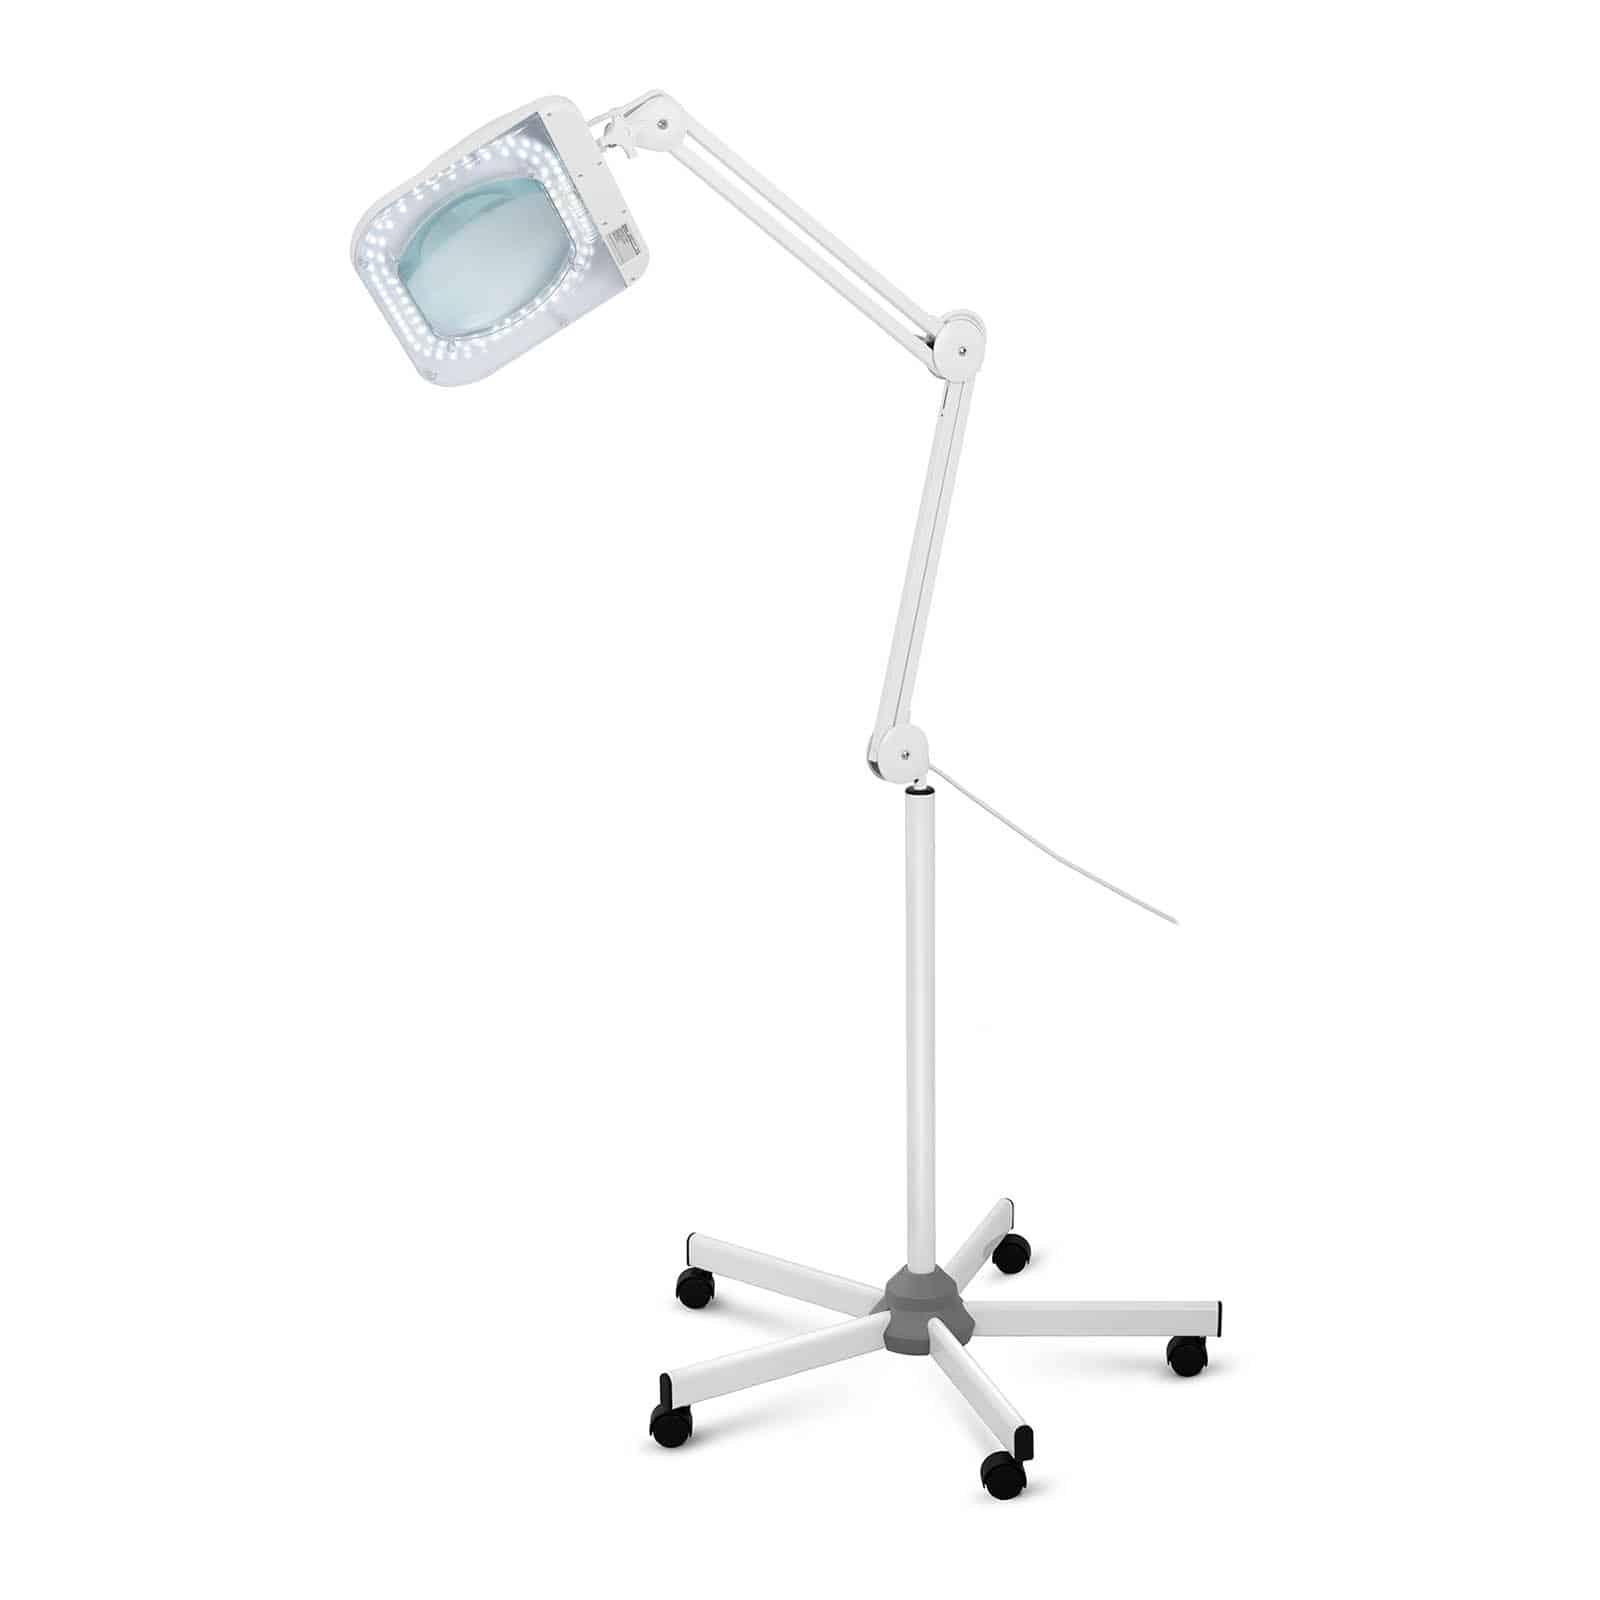 Zestaw lampa kosmetyczna z lupą - 5 dioptrii - LED + statyw do lampy kosmetycznej - 5 kółek